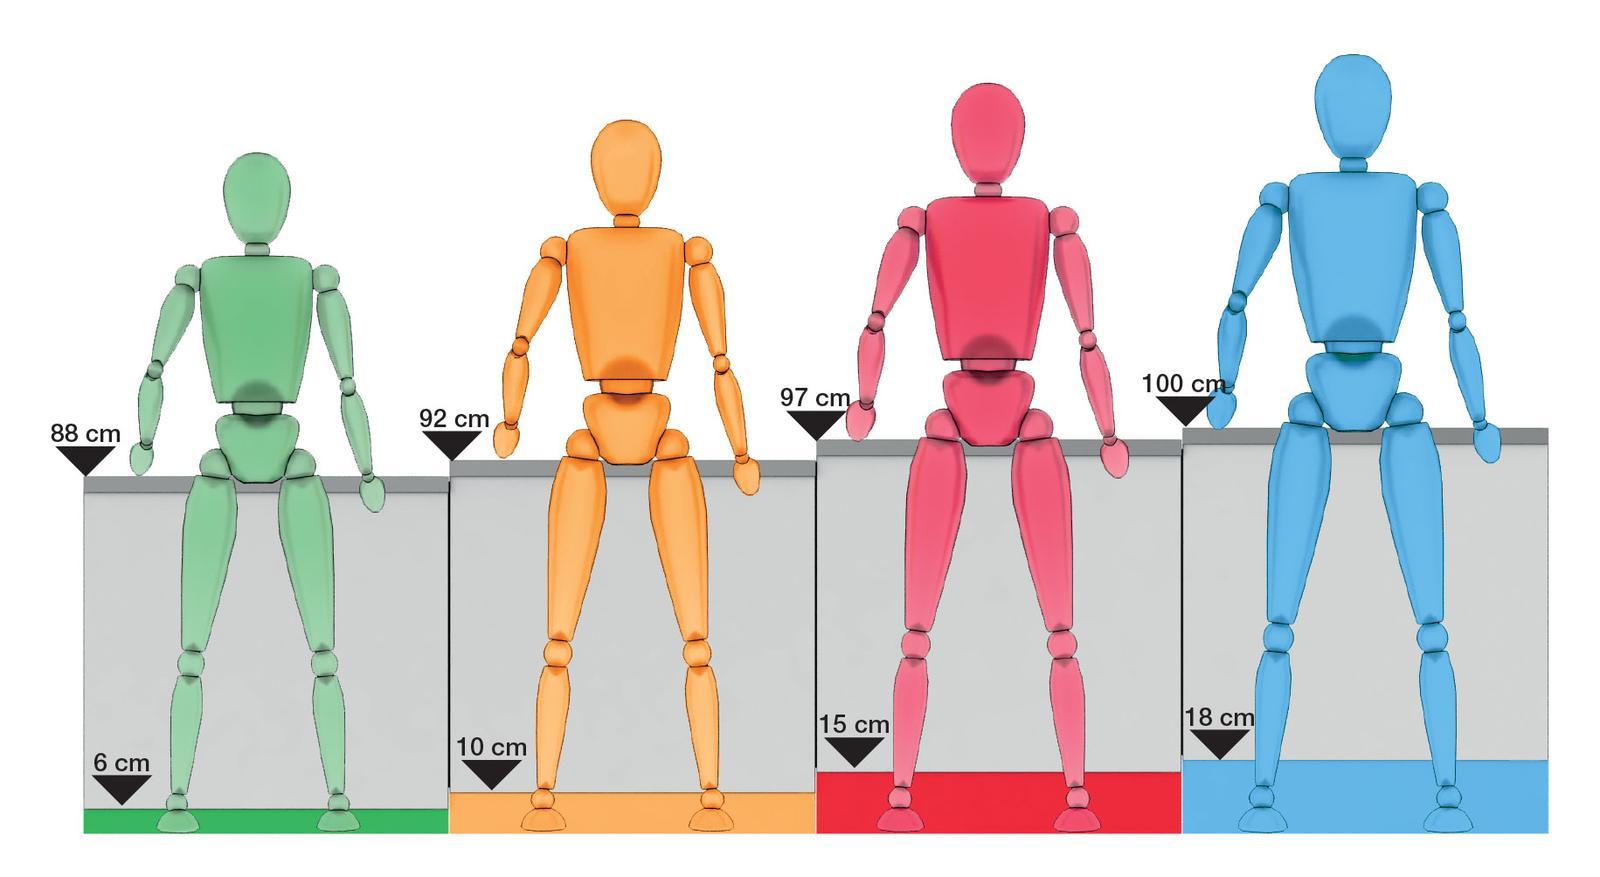 Pomôcky pre navrhnutie dokonalej kuchyne - Výška sokla aj výška umiestnenia pracovnej dosky závisí od výšky jednotlivca